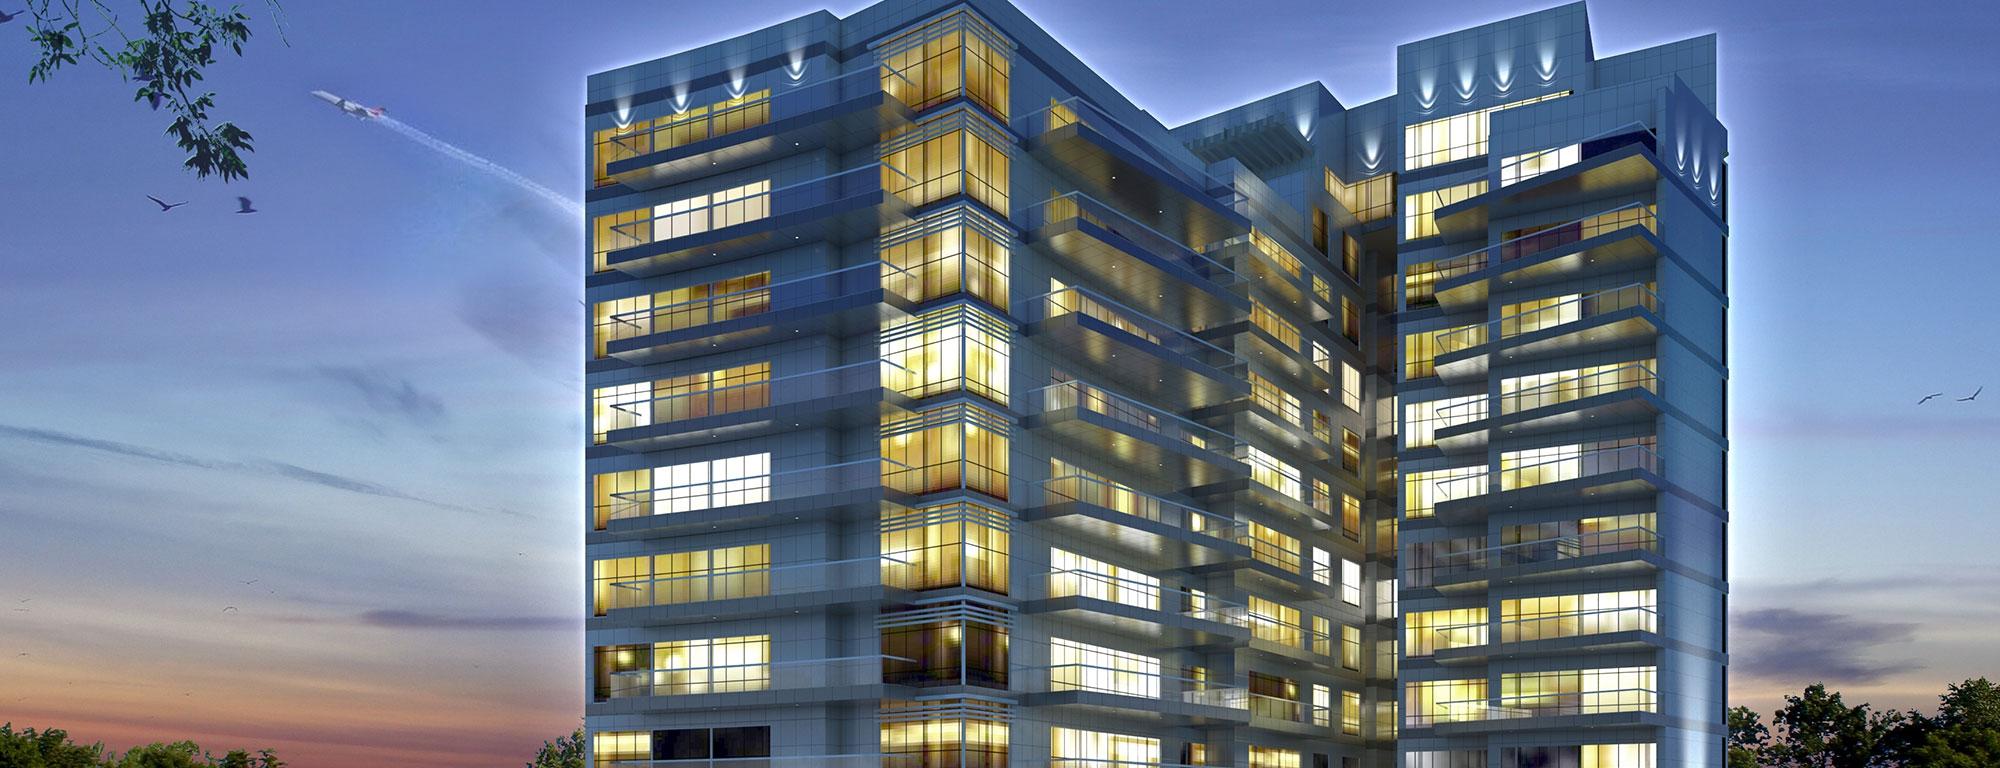 Residential Building Project - Al Raha Beach (RBW5-10)1